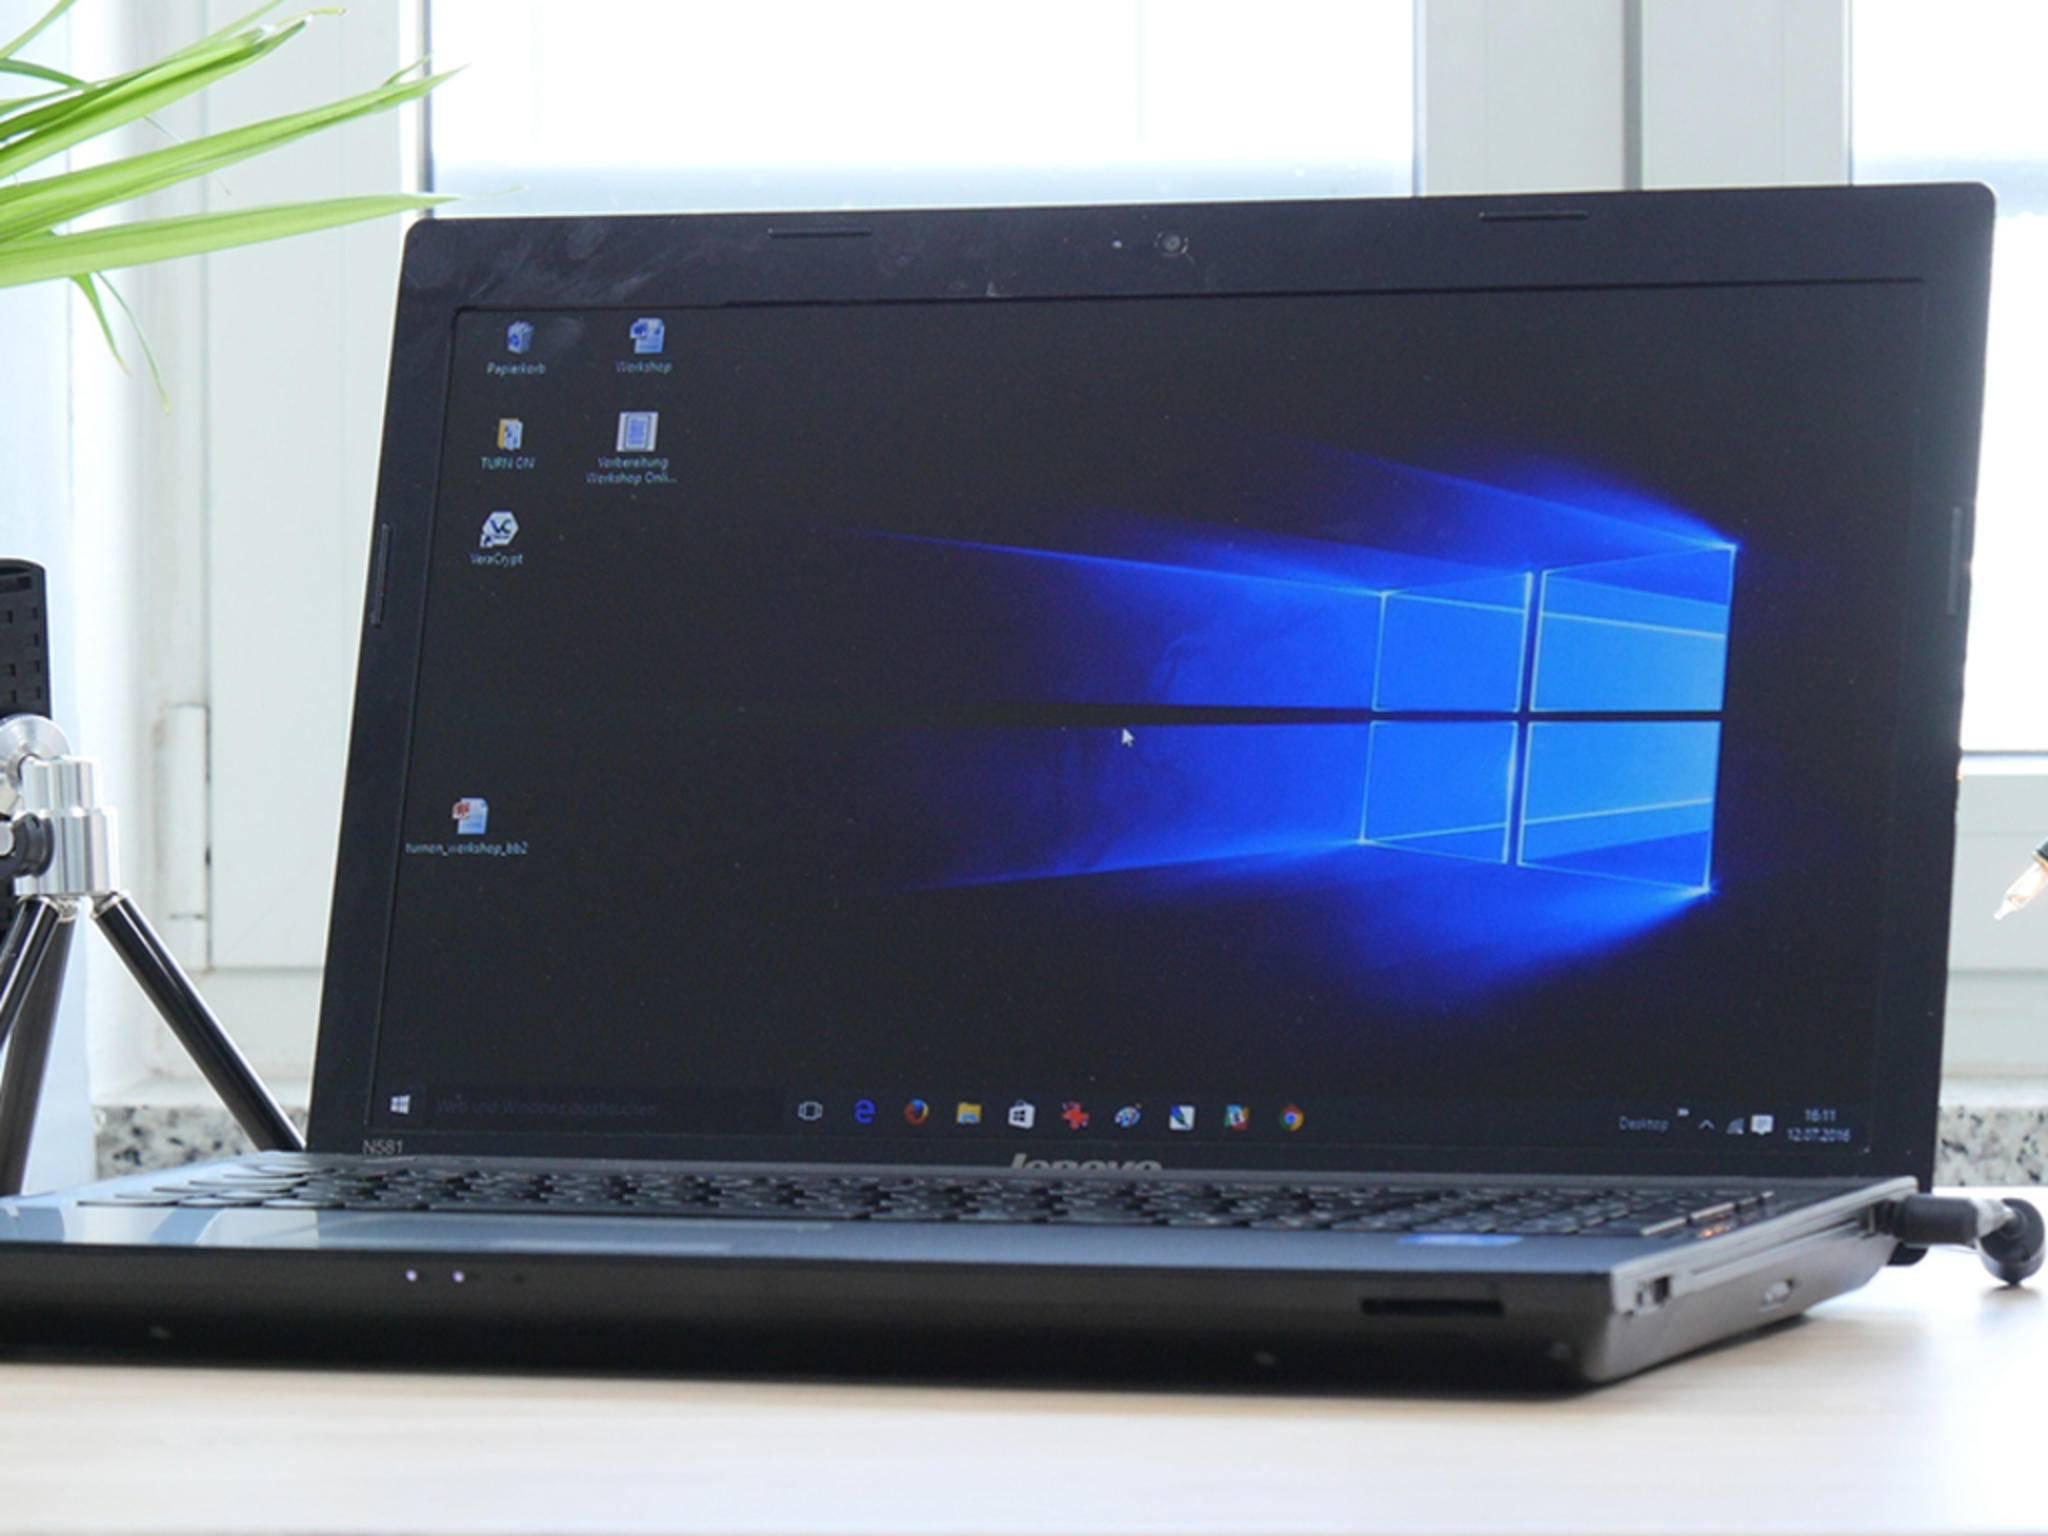 Das Anniversary-Update von Windows 10 sorgt teilweise für Probleme.